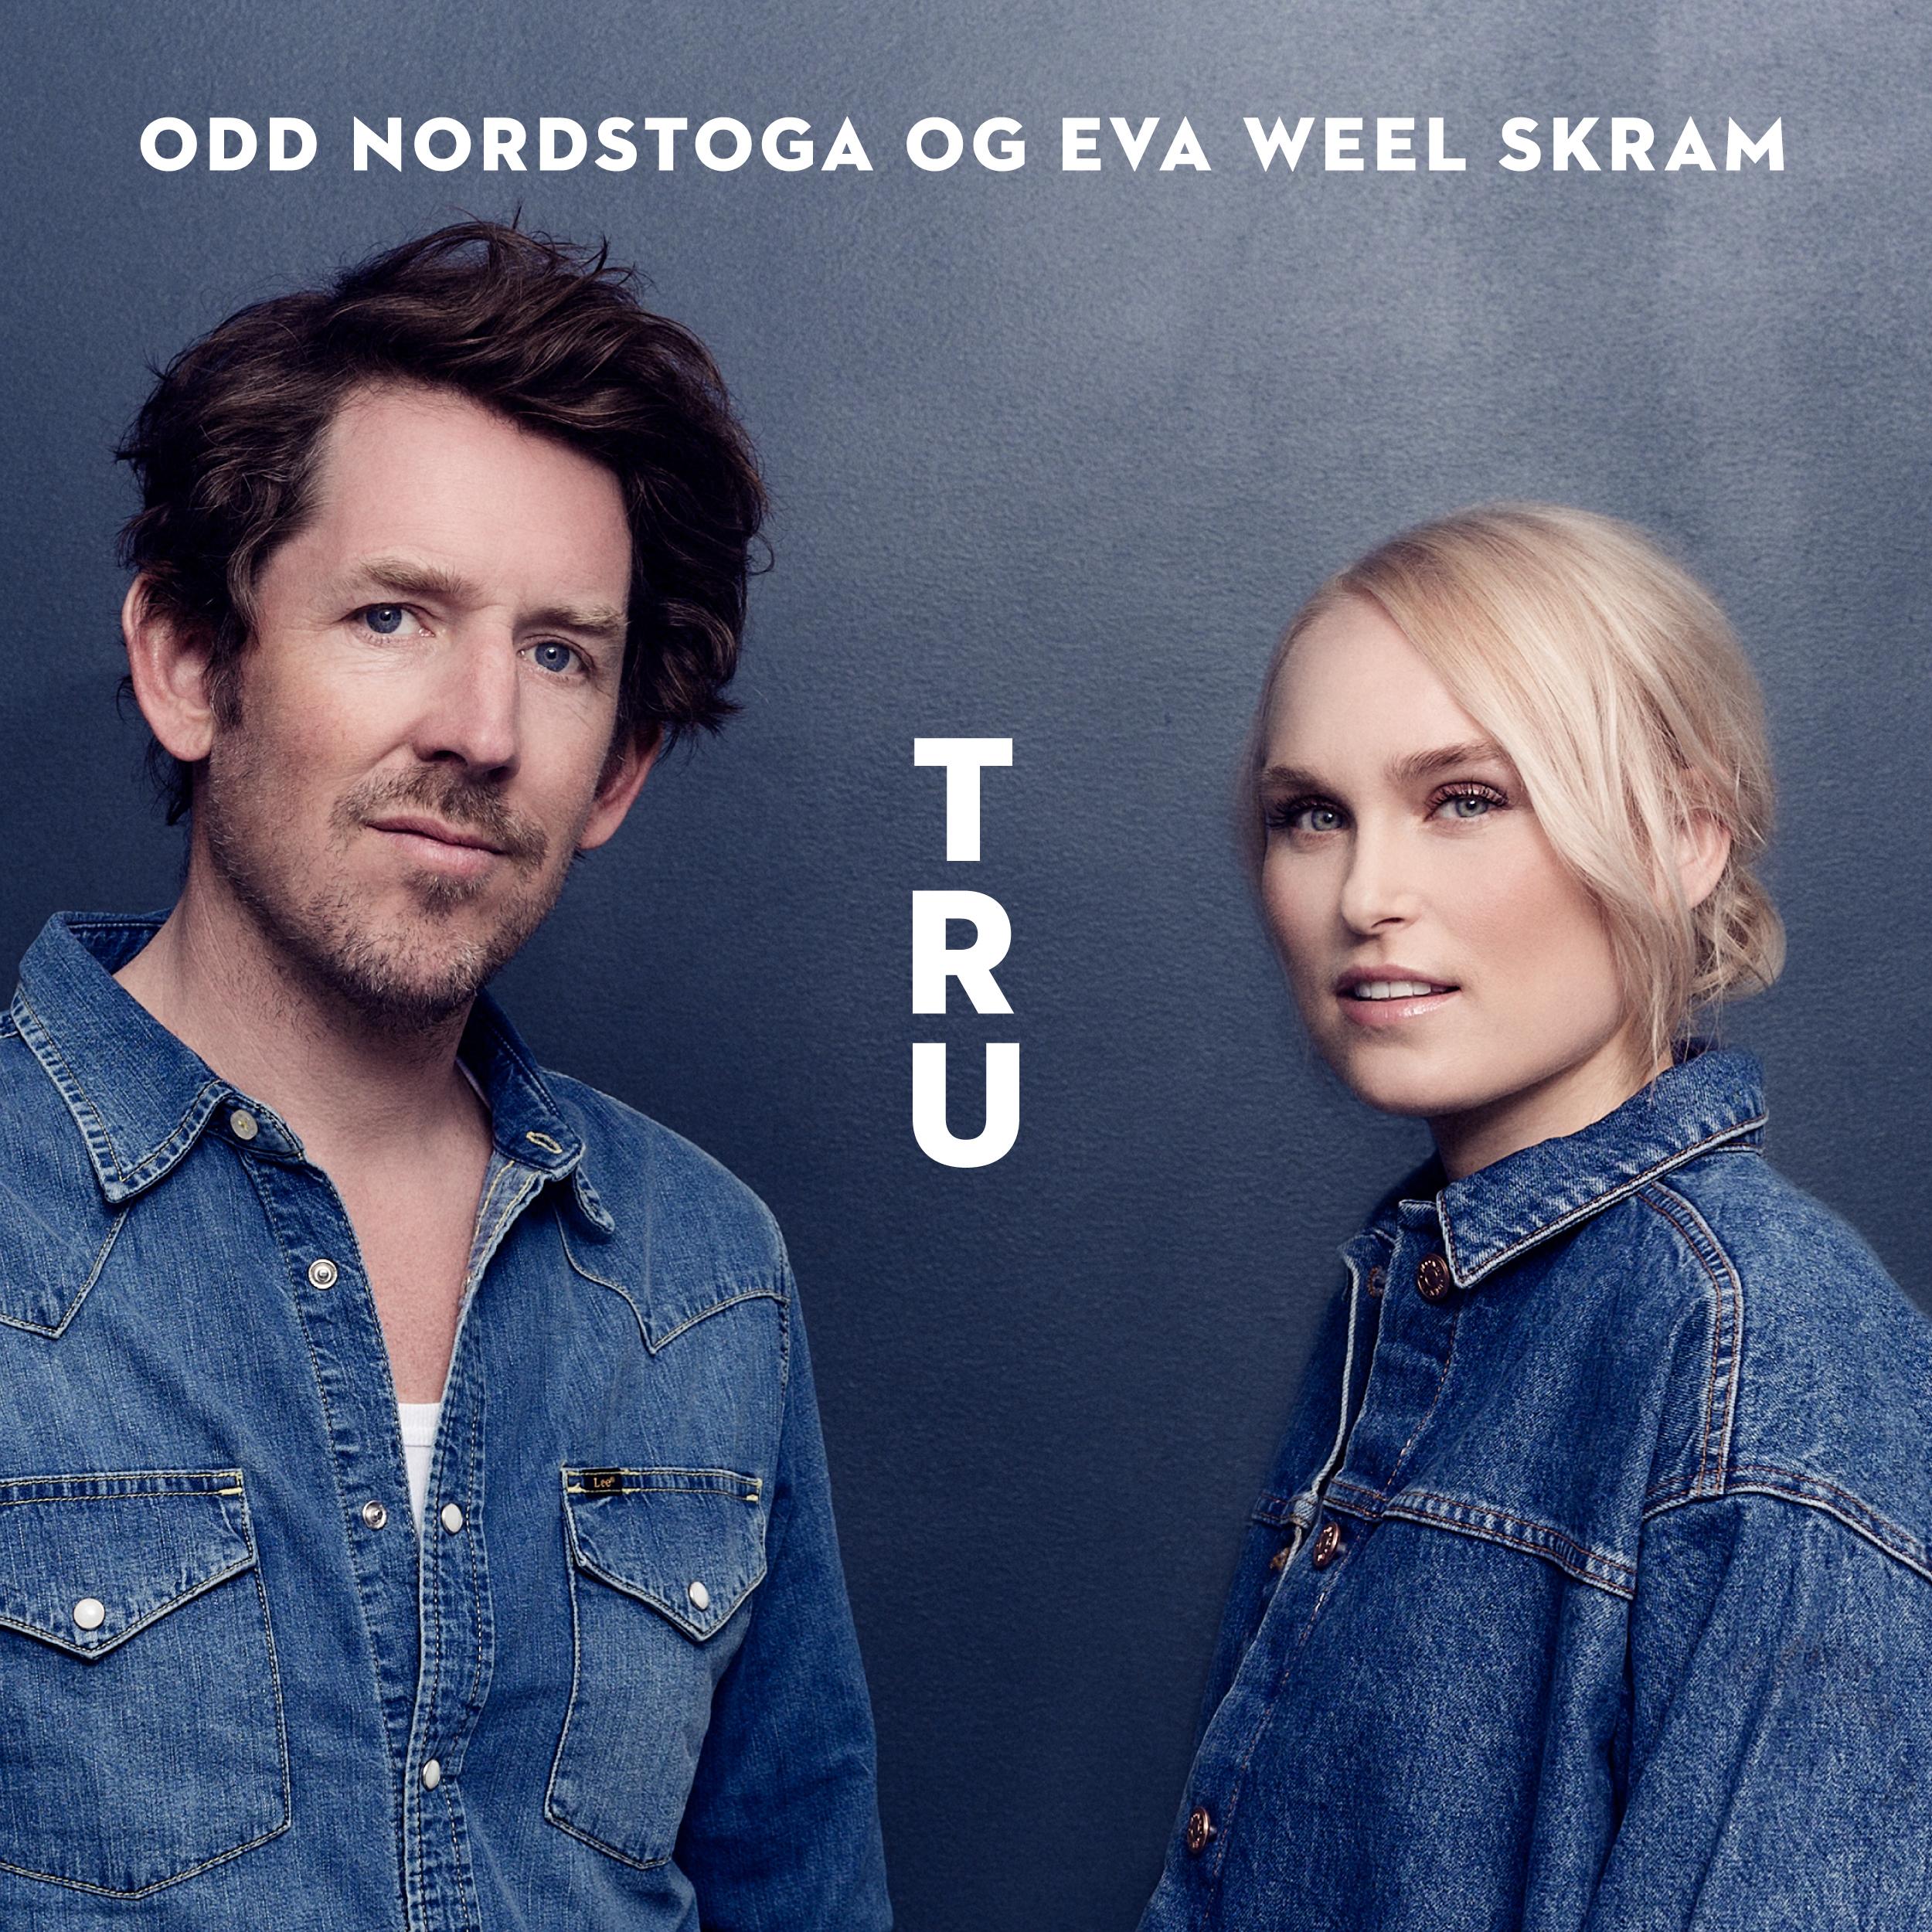 Odd Nordstoga og Eva Weel Skram - Tru